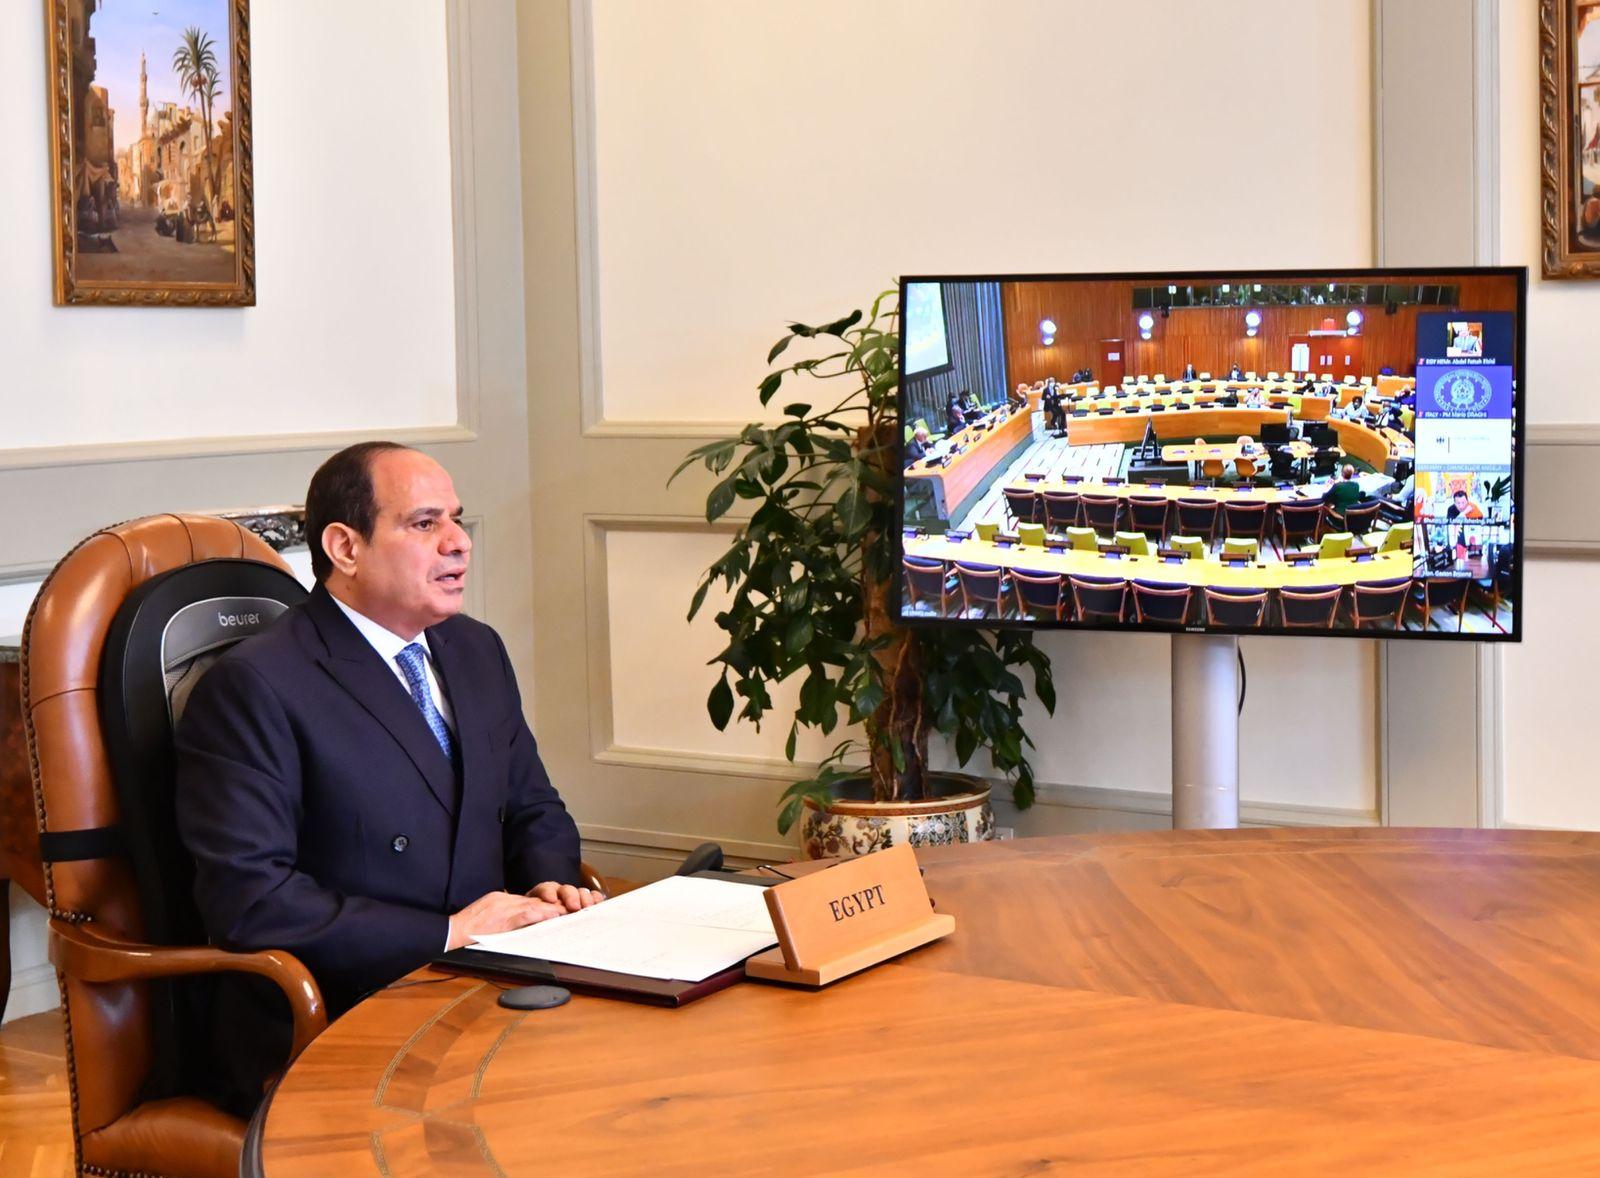 موقع الرئاسة ينشر فيديو لكلمة الرئيس السيسي باجتماع  رؤساء الدول والحكومات حول المناخ